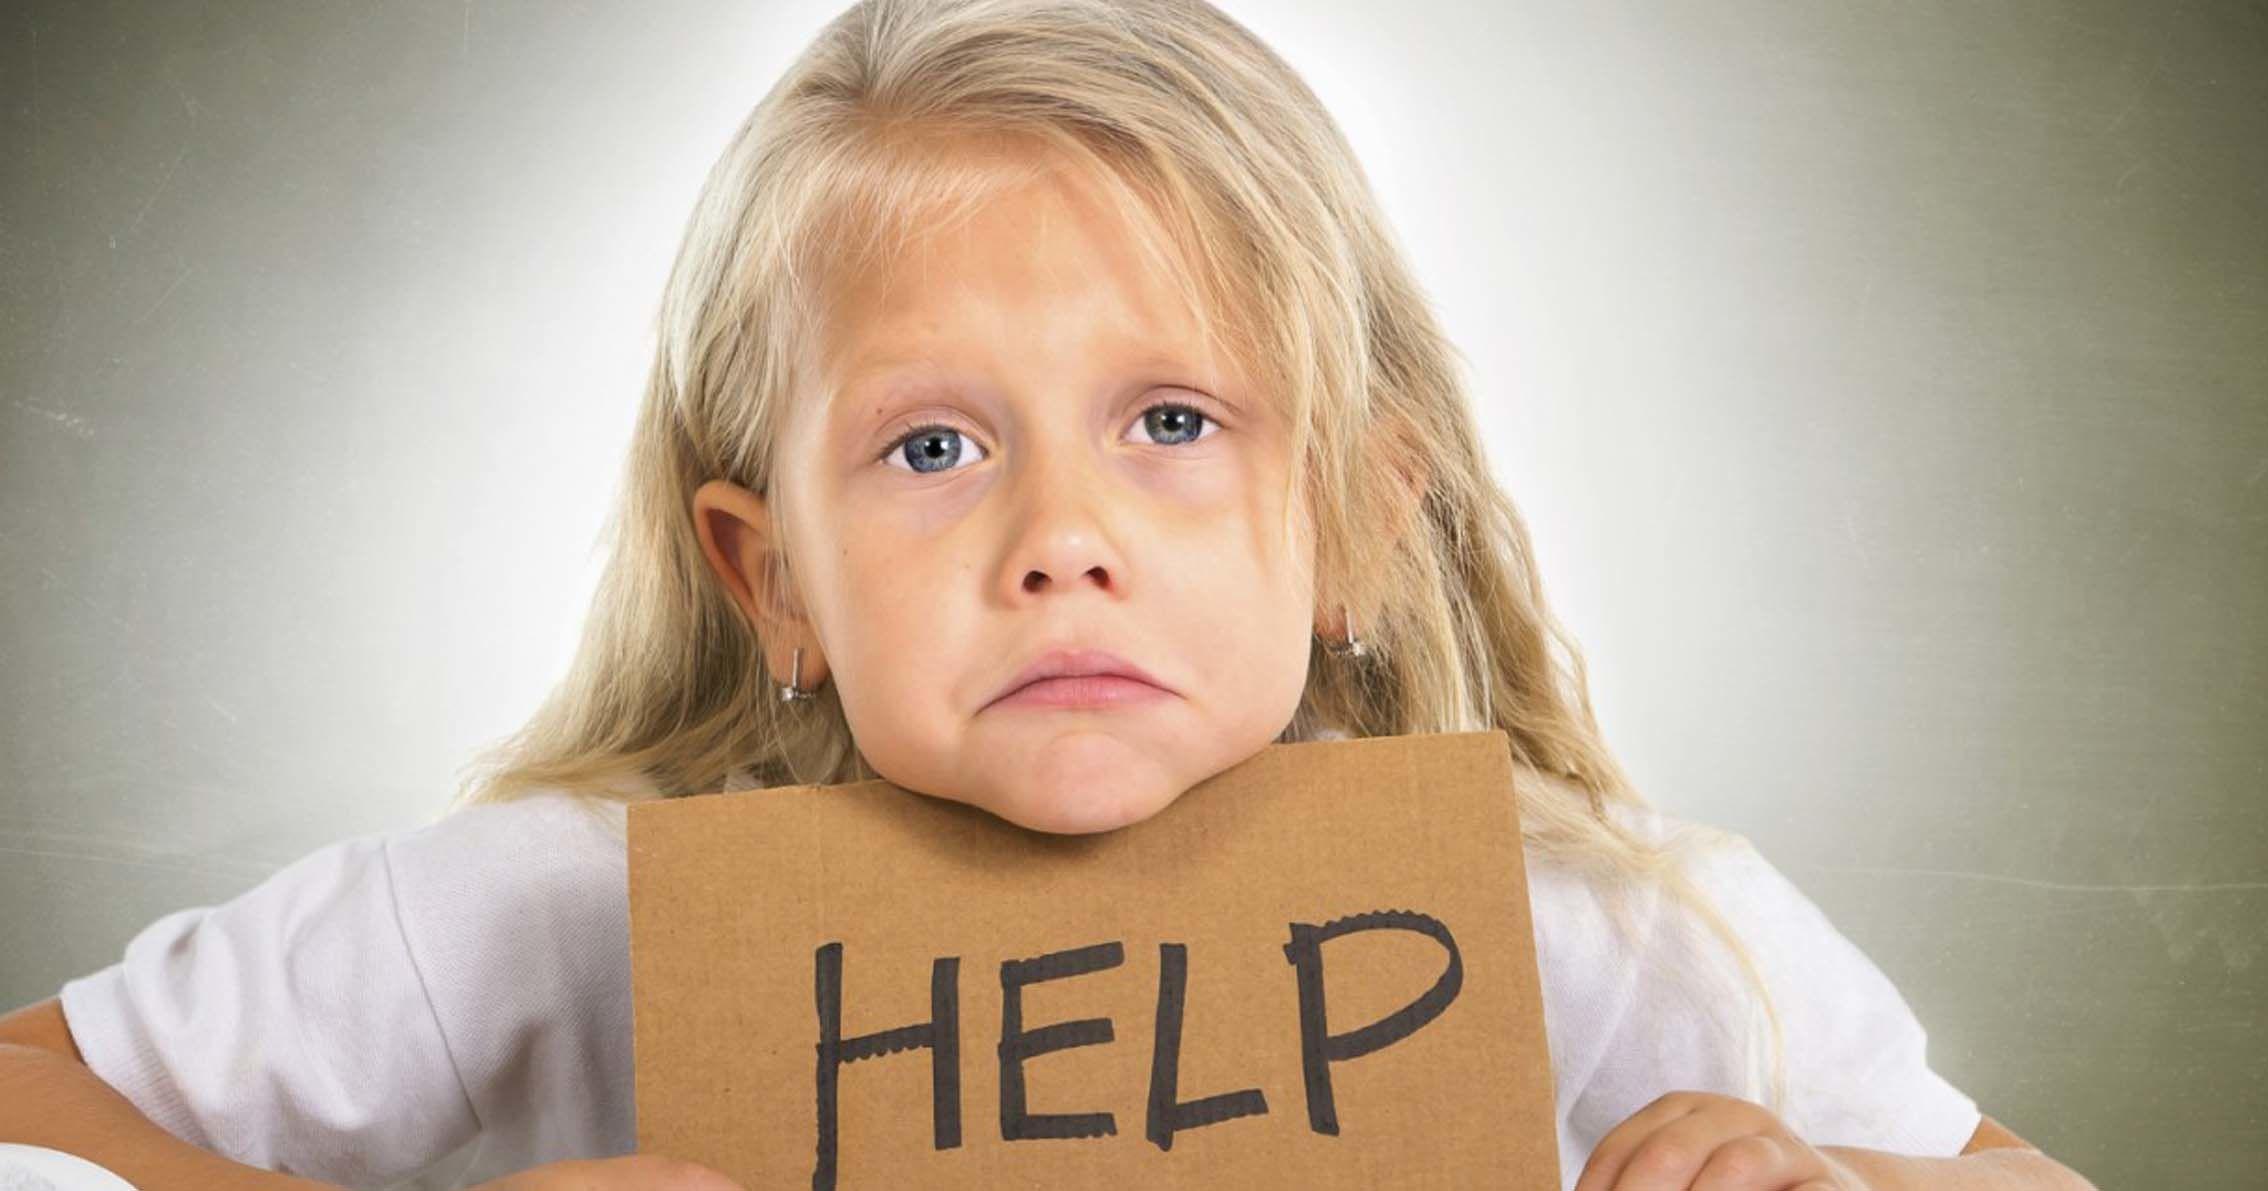 5. Mengatakan kesulitan anak sebagai hal mudah